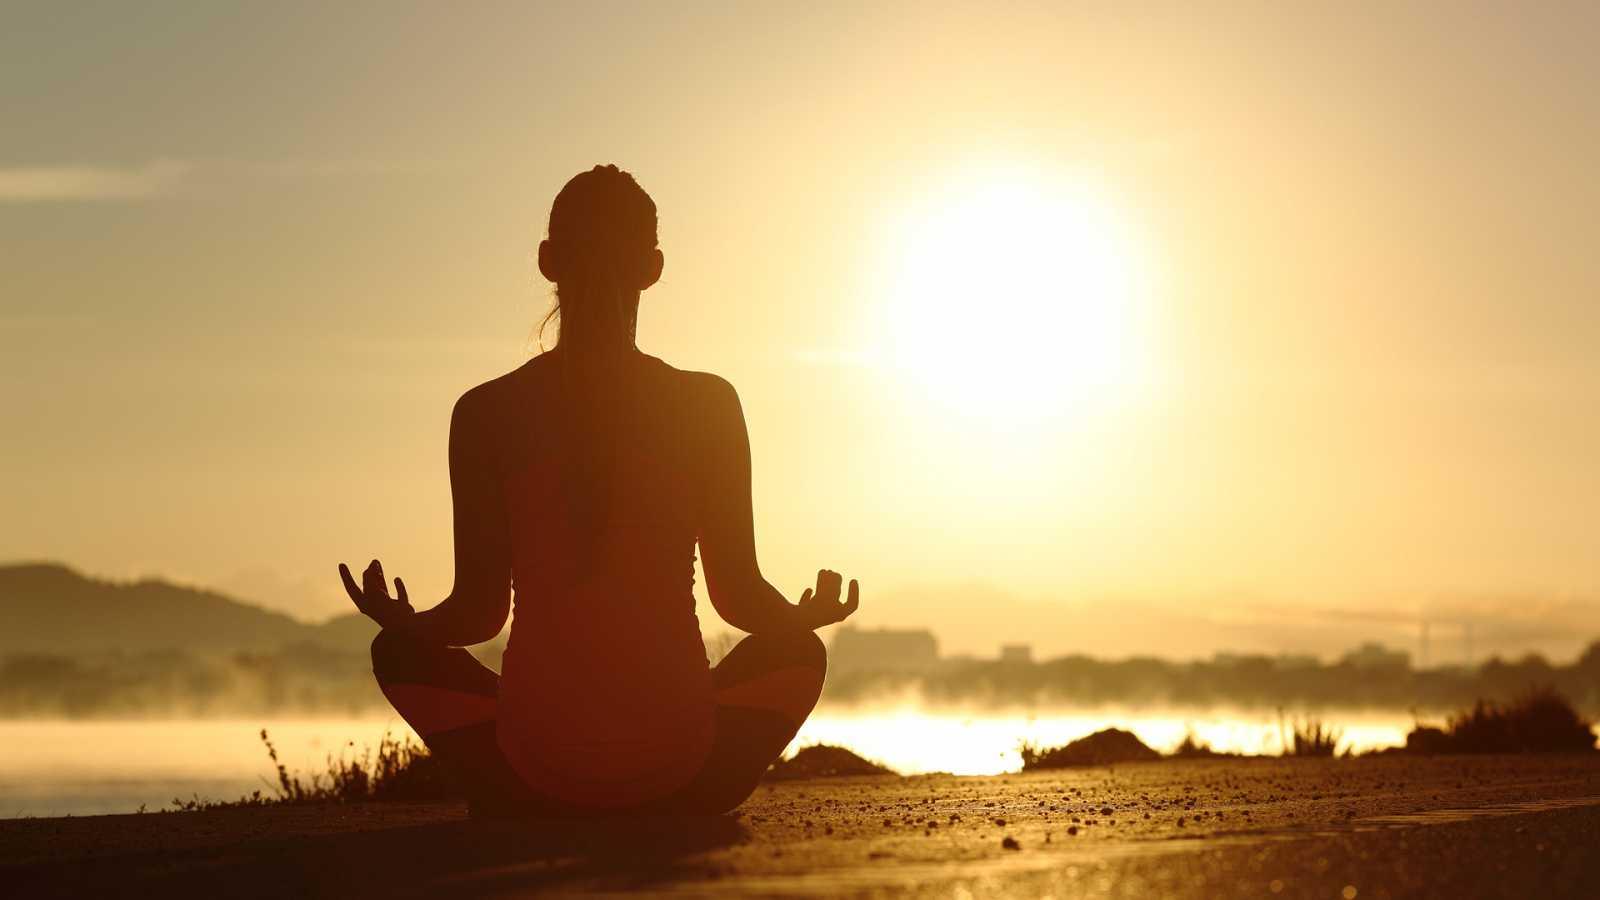 Asia hoy - Yoga en Casa Asia - 05/10/20 - escuchar ahora